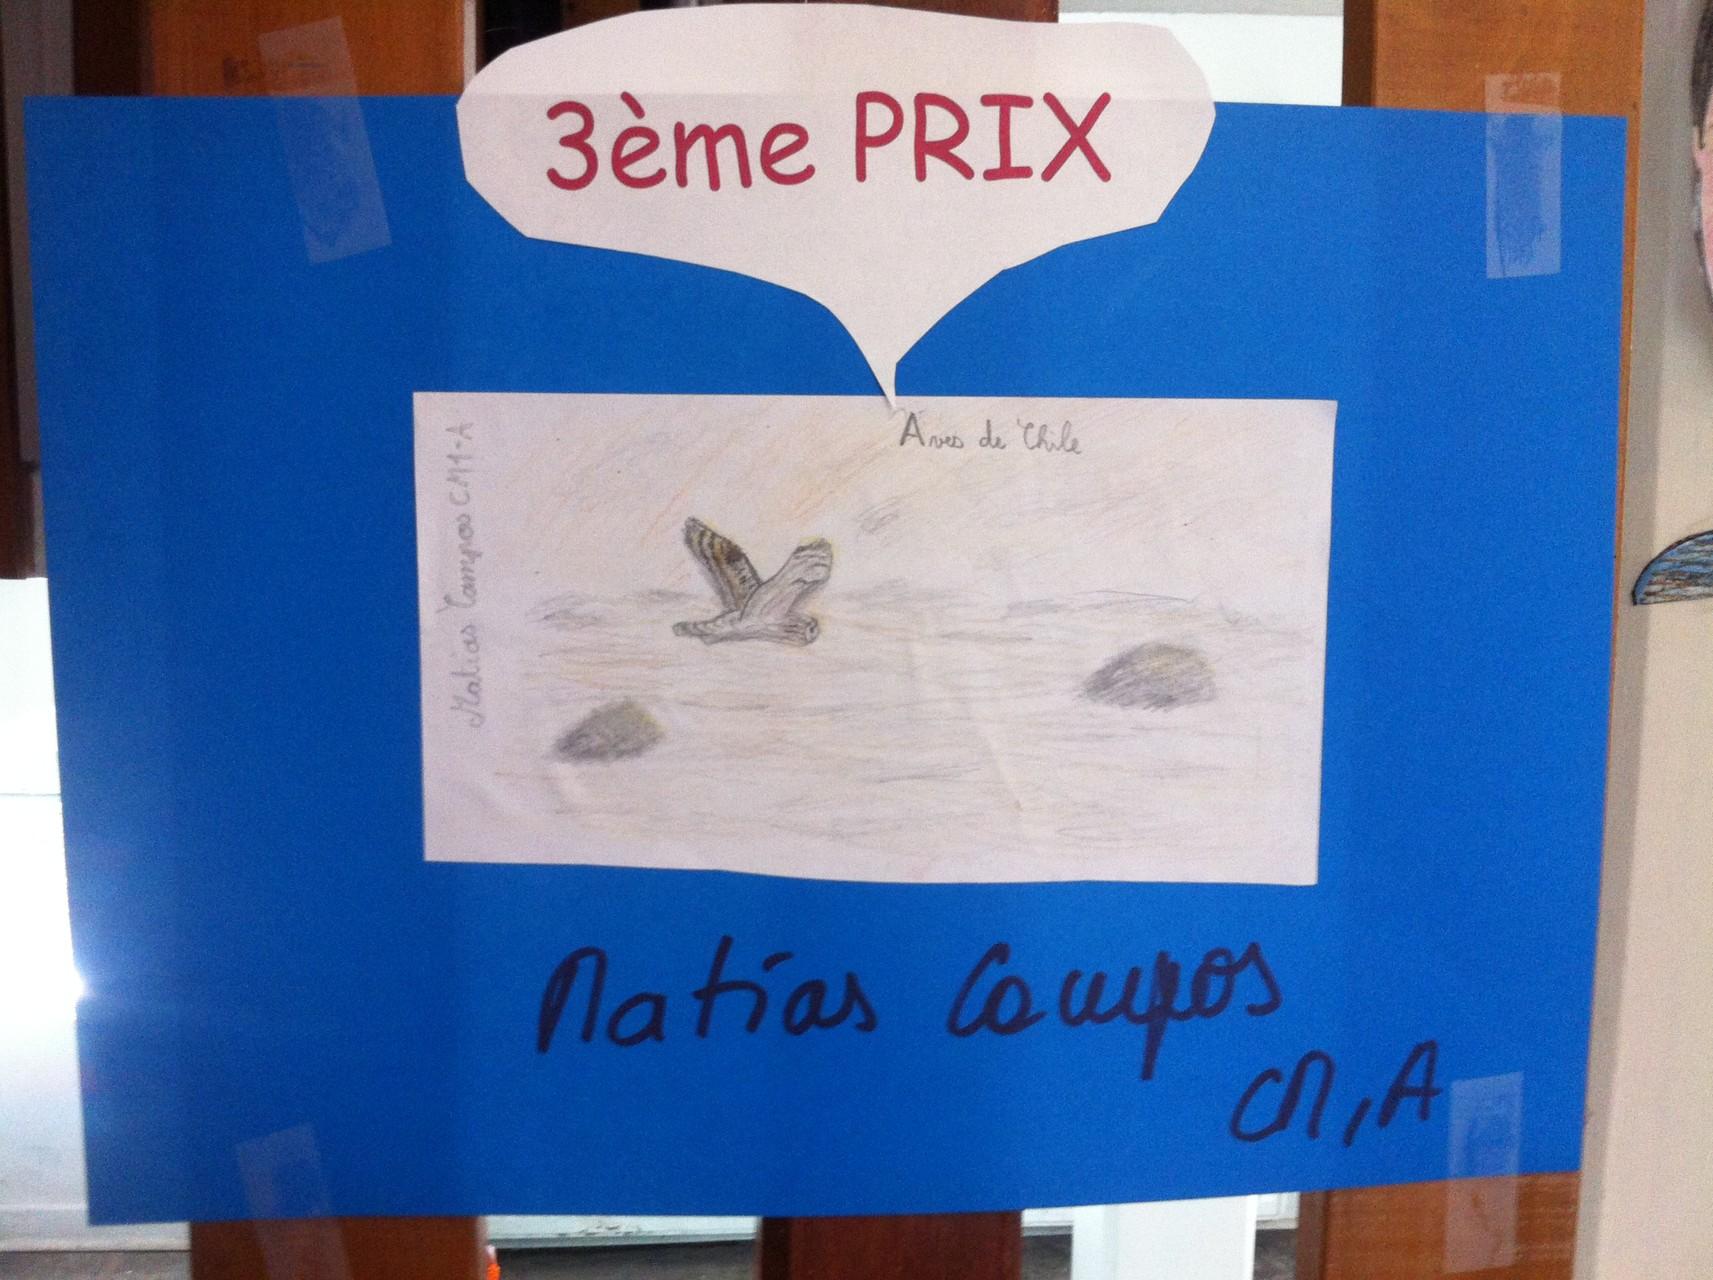 3ème prix : Aves de Chile